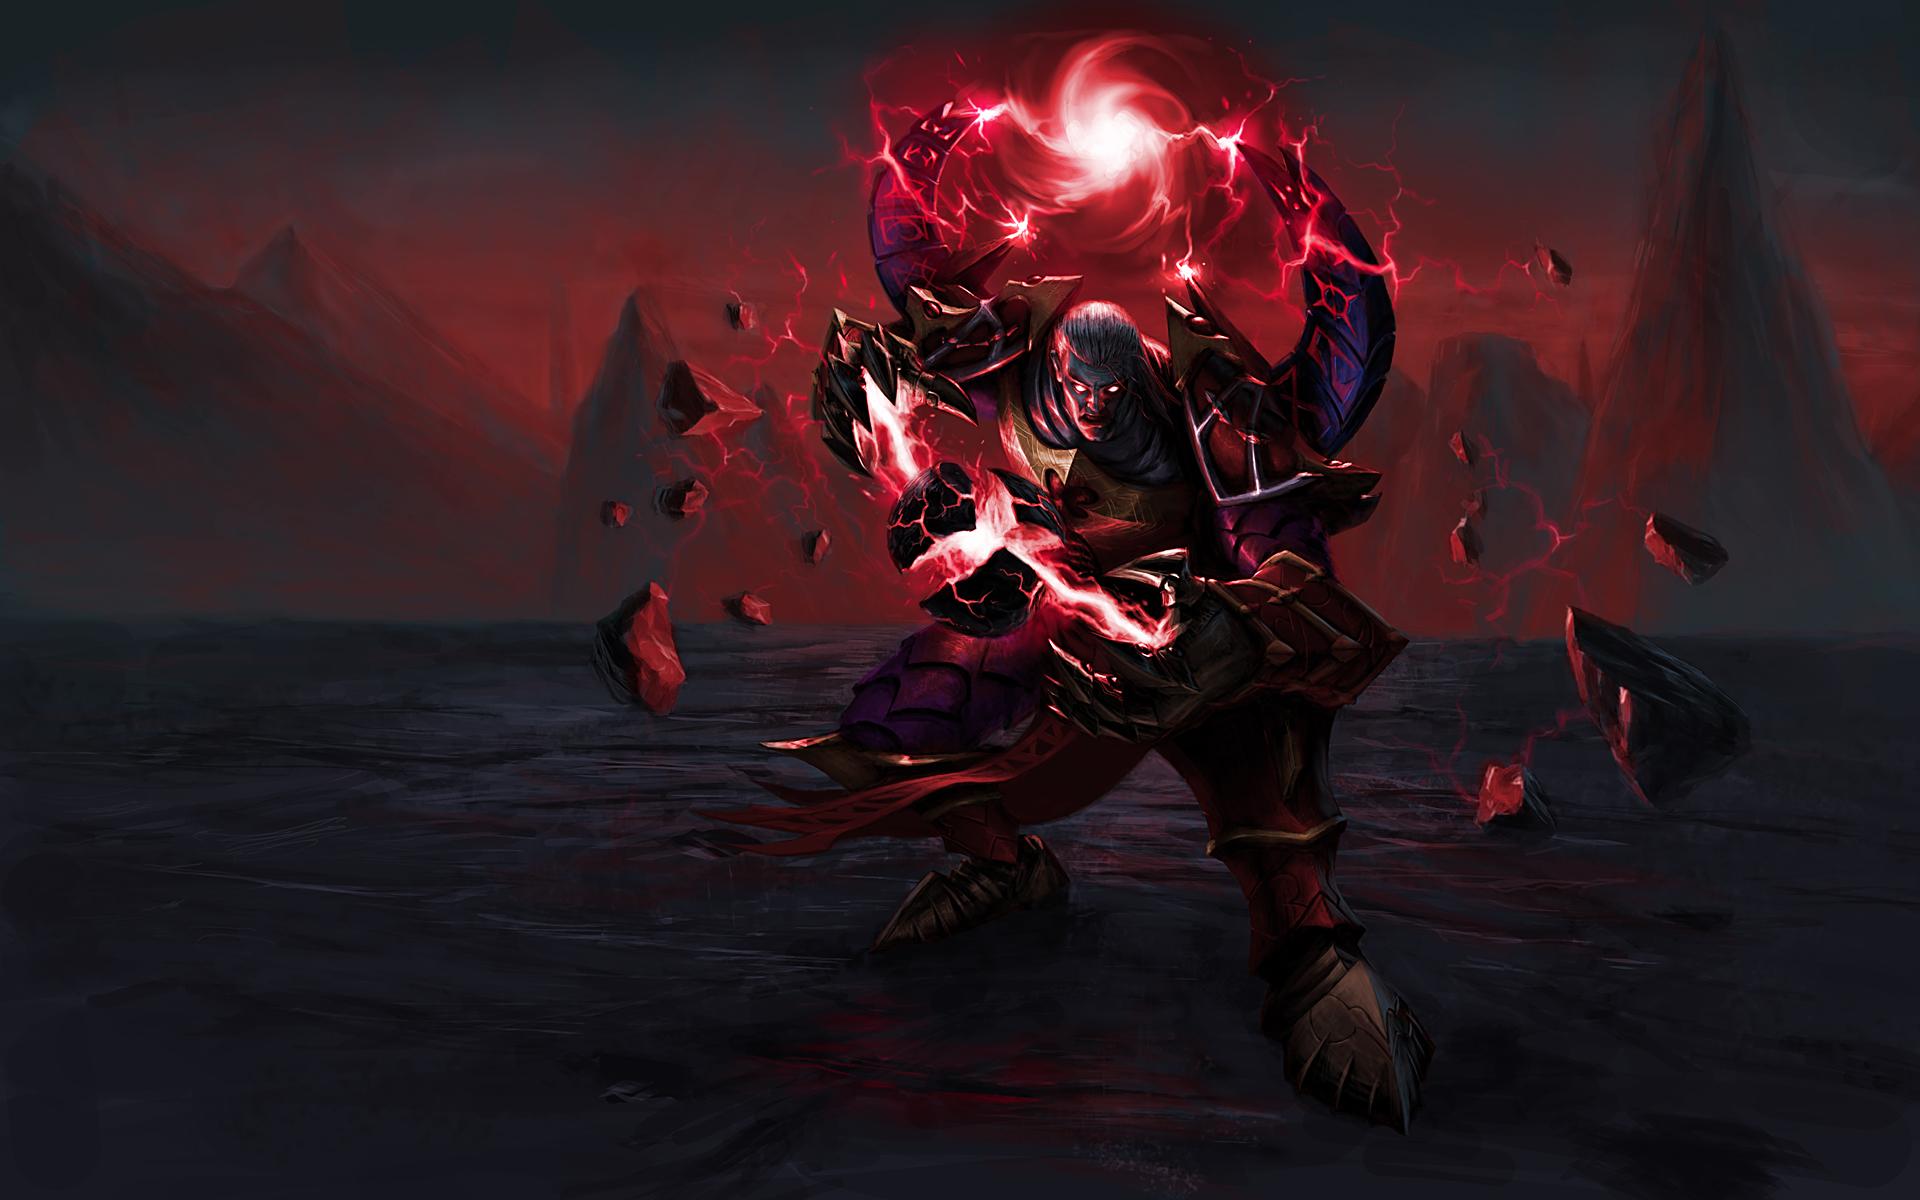 Heroes of Newerth Disciple by TorturerWraithSpy